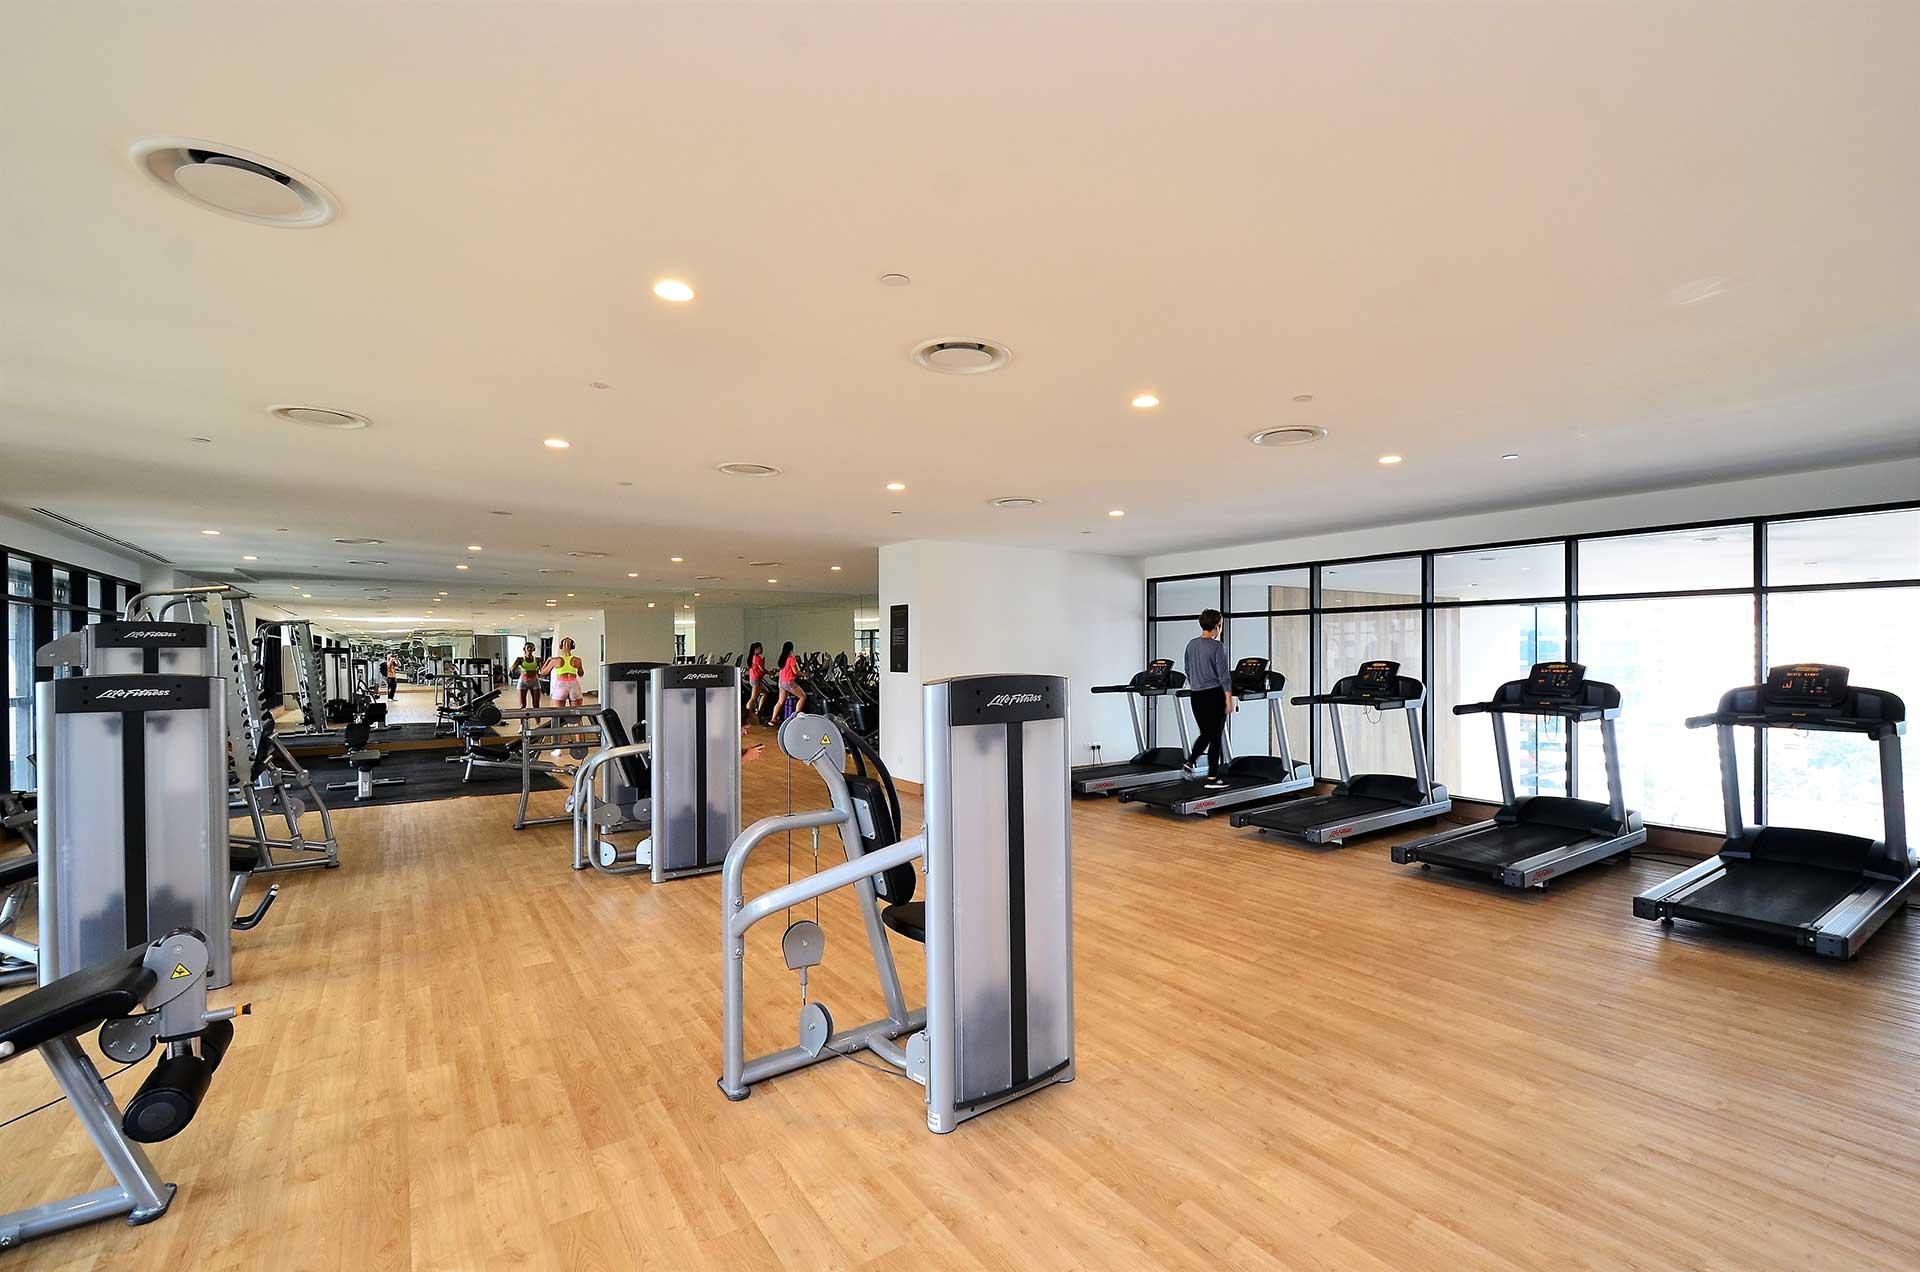 Kundenbindung und Mitgliederakquise für Fitnessketten